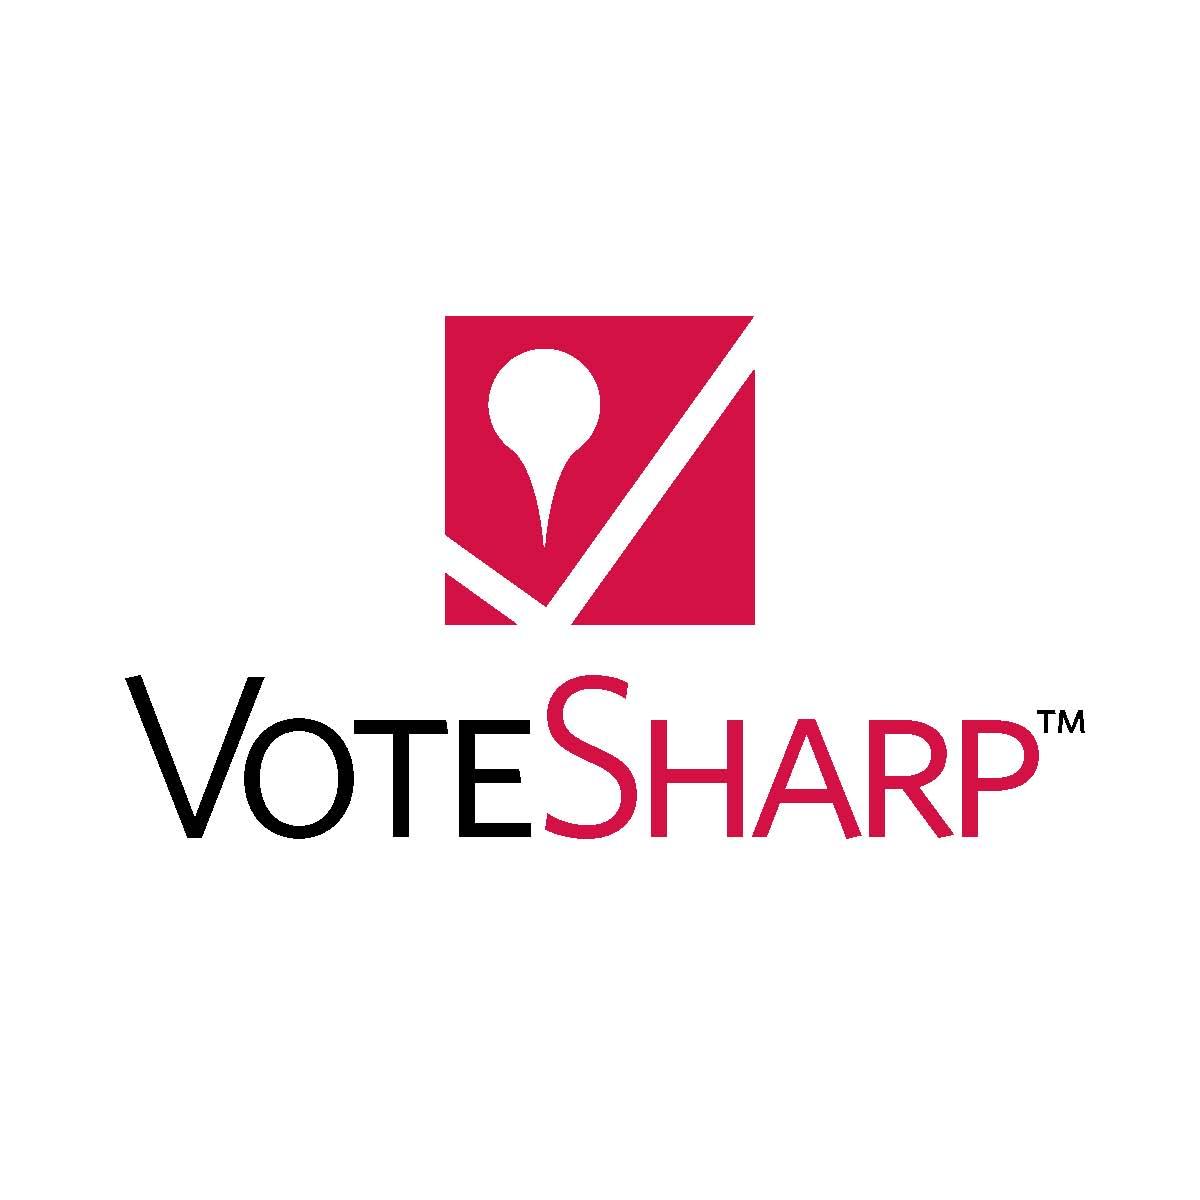 VoteSharp Launch